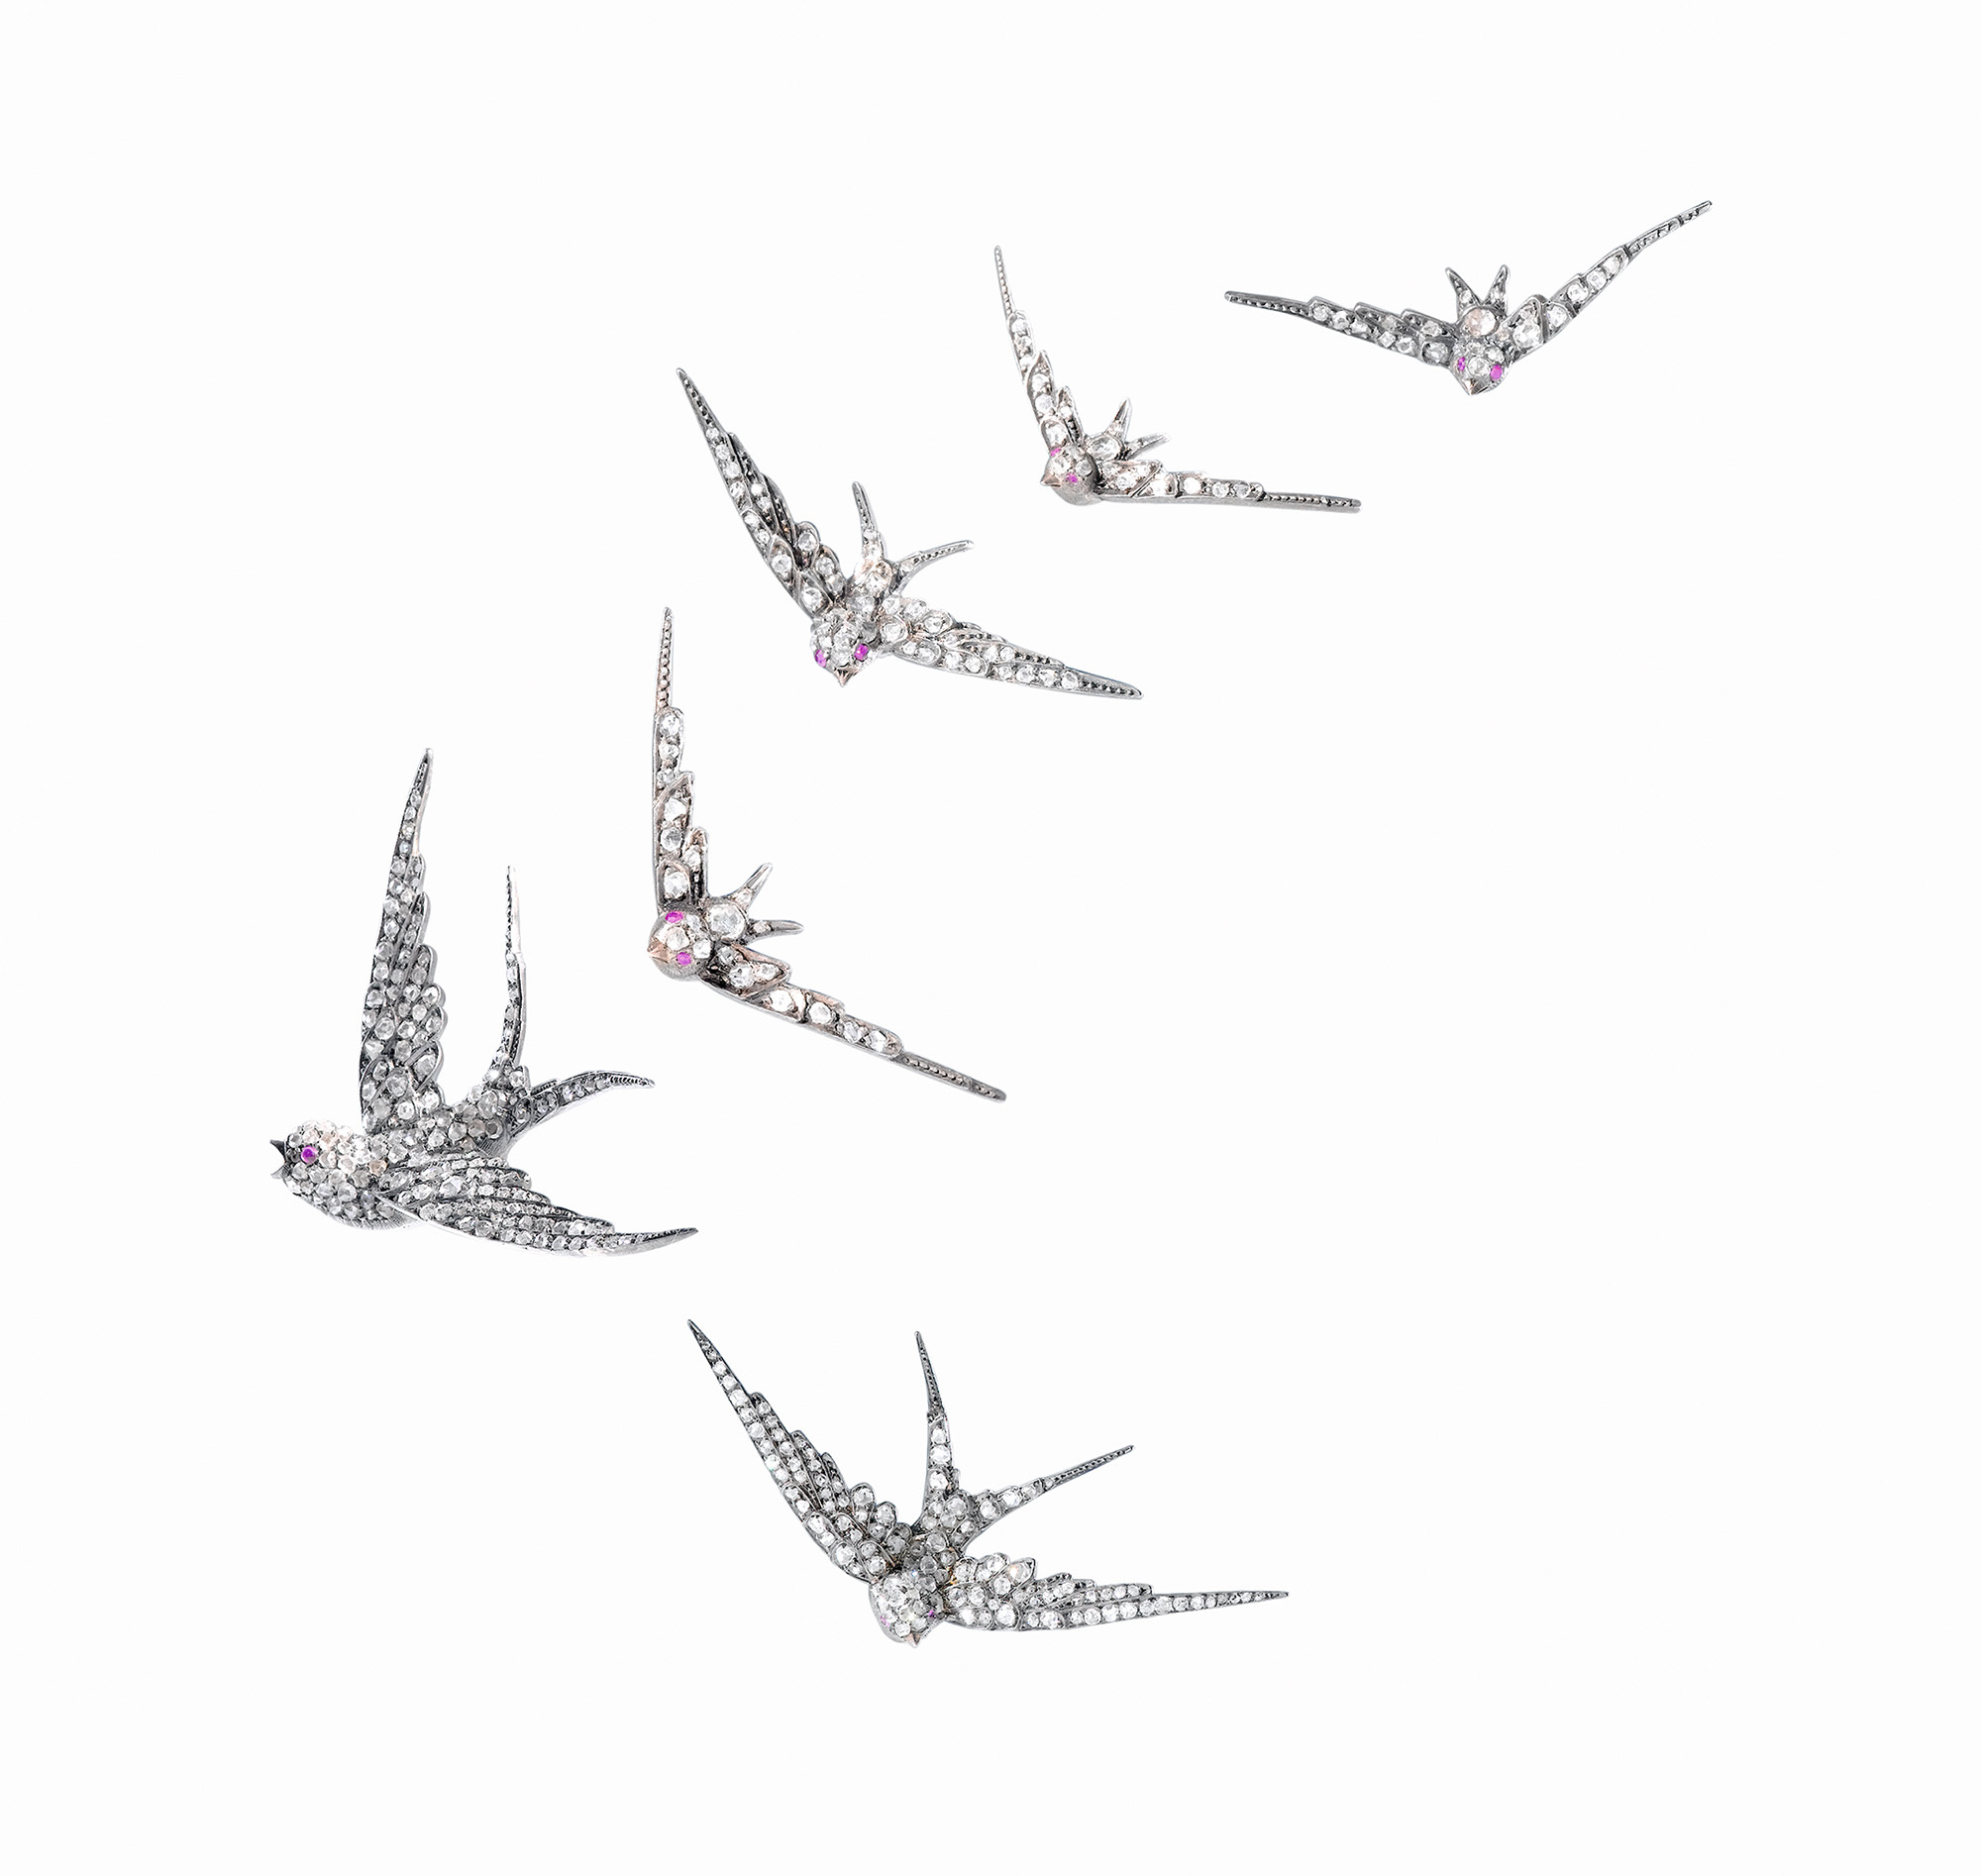 ジョゼフ・ショーメ 《6羽のツバメの連作》 1890年 プラチナ、ゴールド、ダイヤモンド ラリック美術館、ヴィンゲン=シュル=モデール、シャイ・バンドマン&ロナルド・オオイ寄託 (C) Rami Solomon & Kineret Levy Studio, Israël, Musée Lalique, France, dépÔt Shai Bandmann et Ronald Ooi